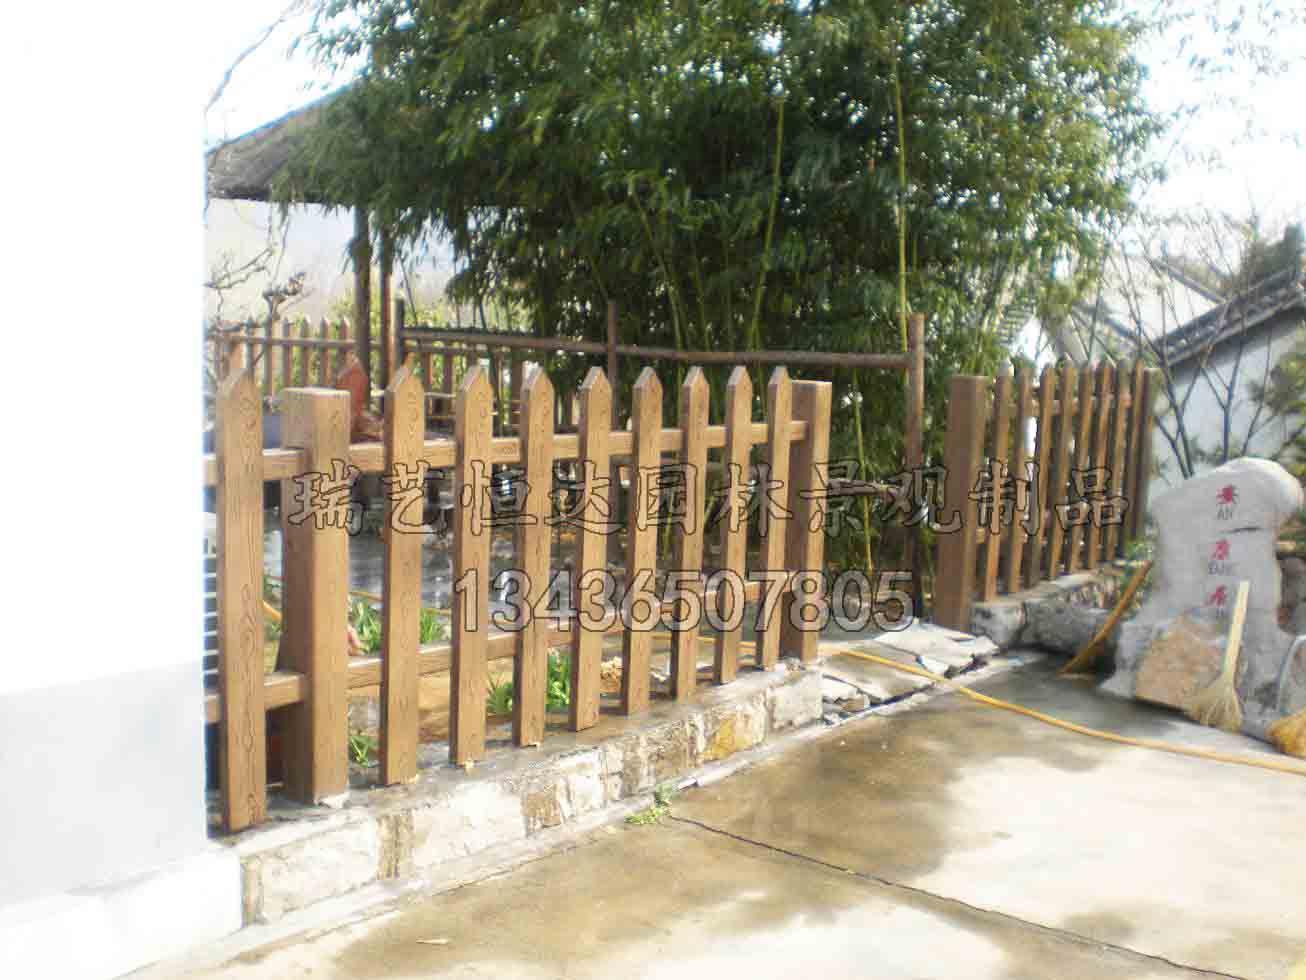 黑龙江仿木栏杆仿木护栏仿木围栏报价